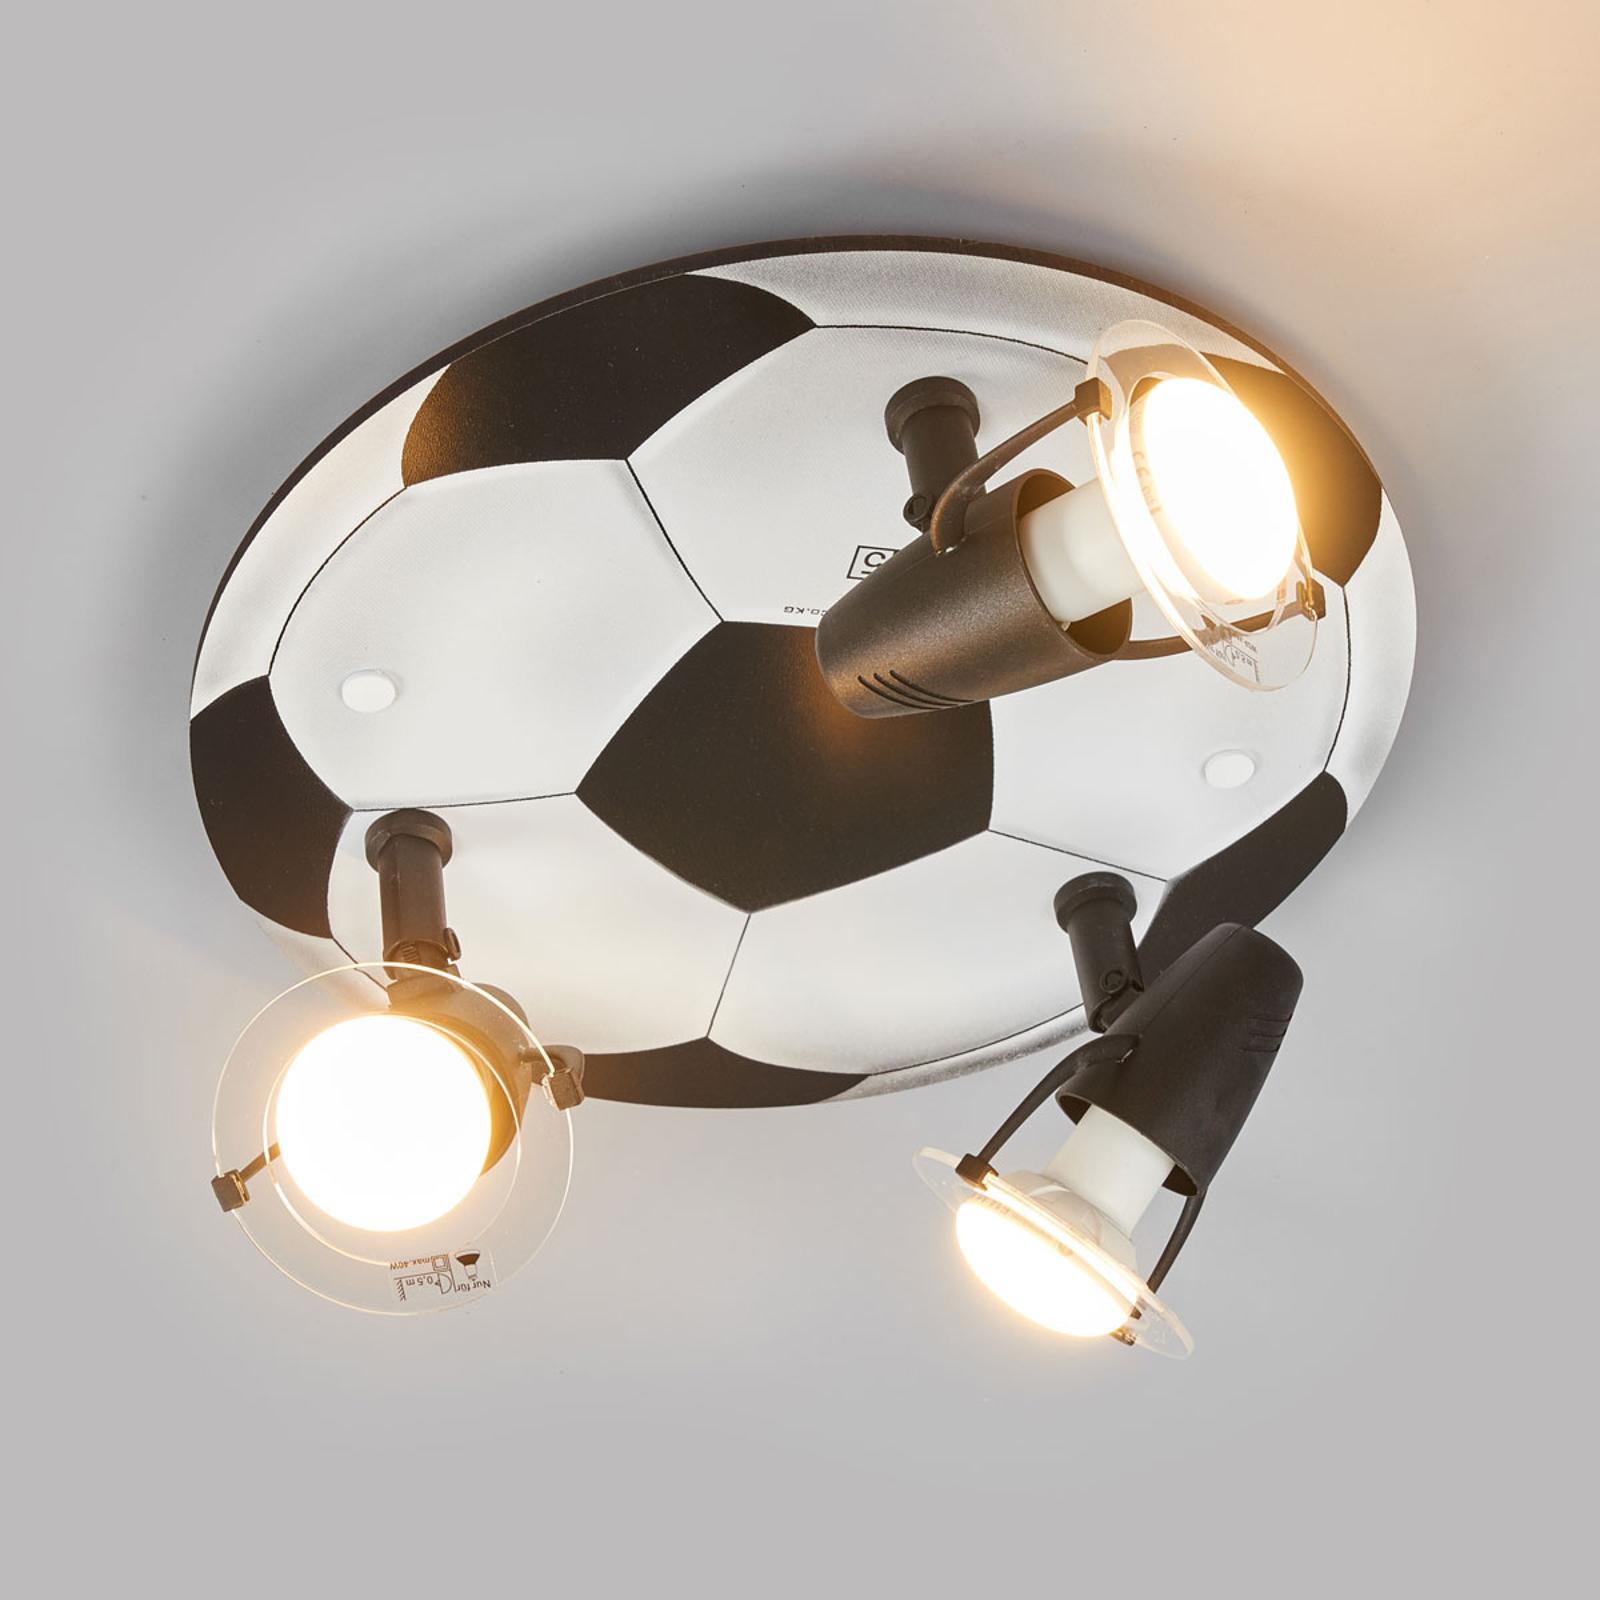 Taklampa FUSSBALL med 3 ljuskällor